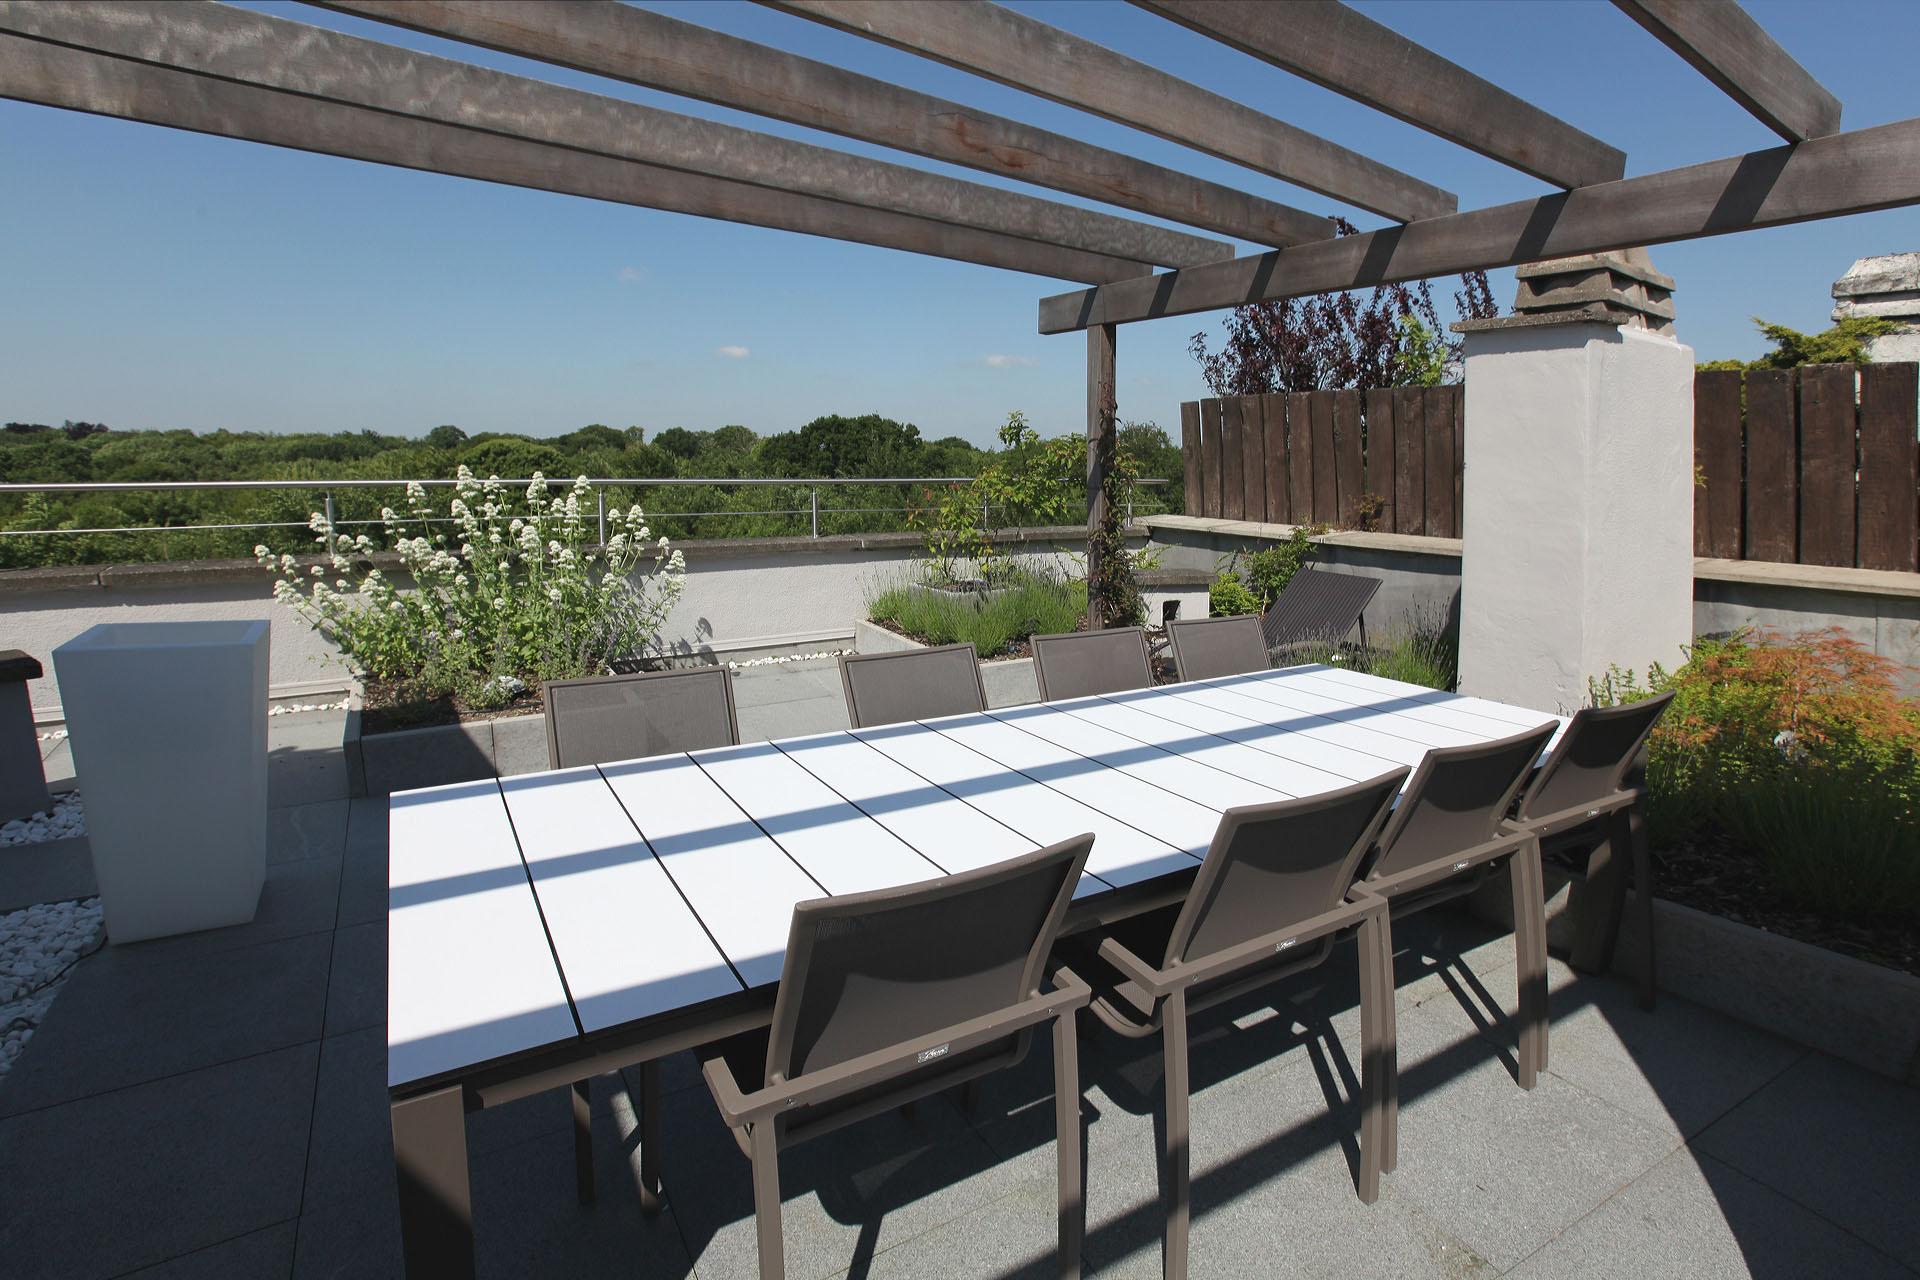 Meubles de jardin outdoor - Marcotte Style